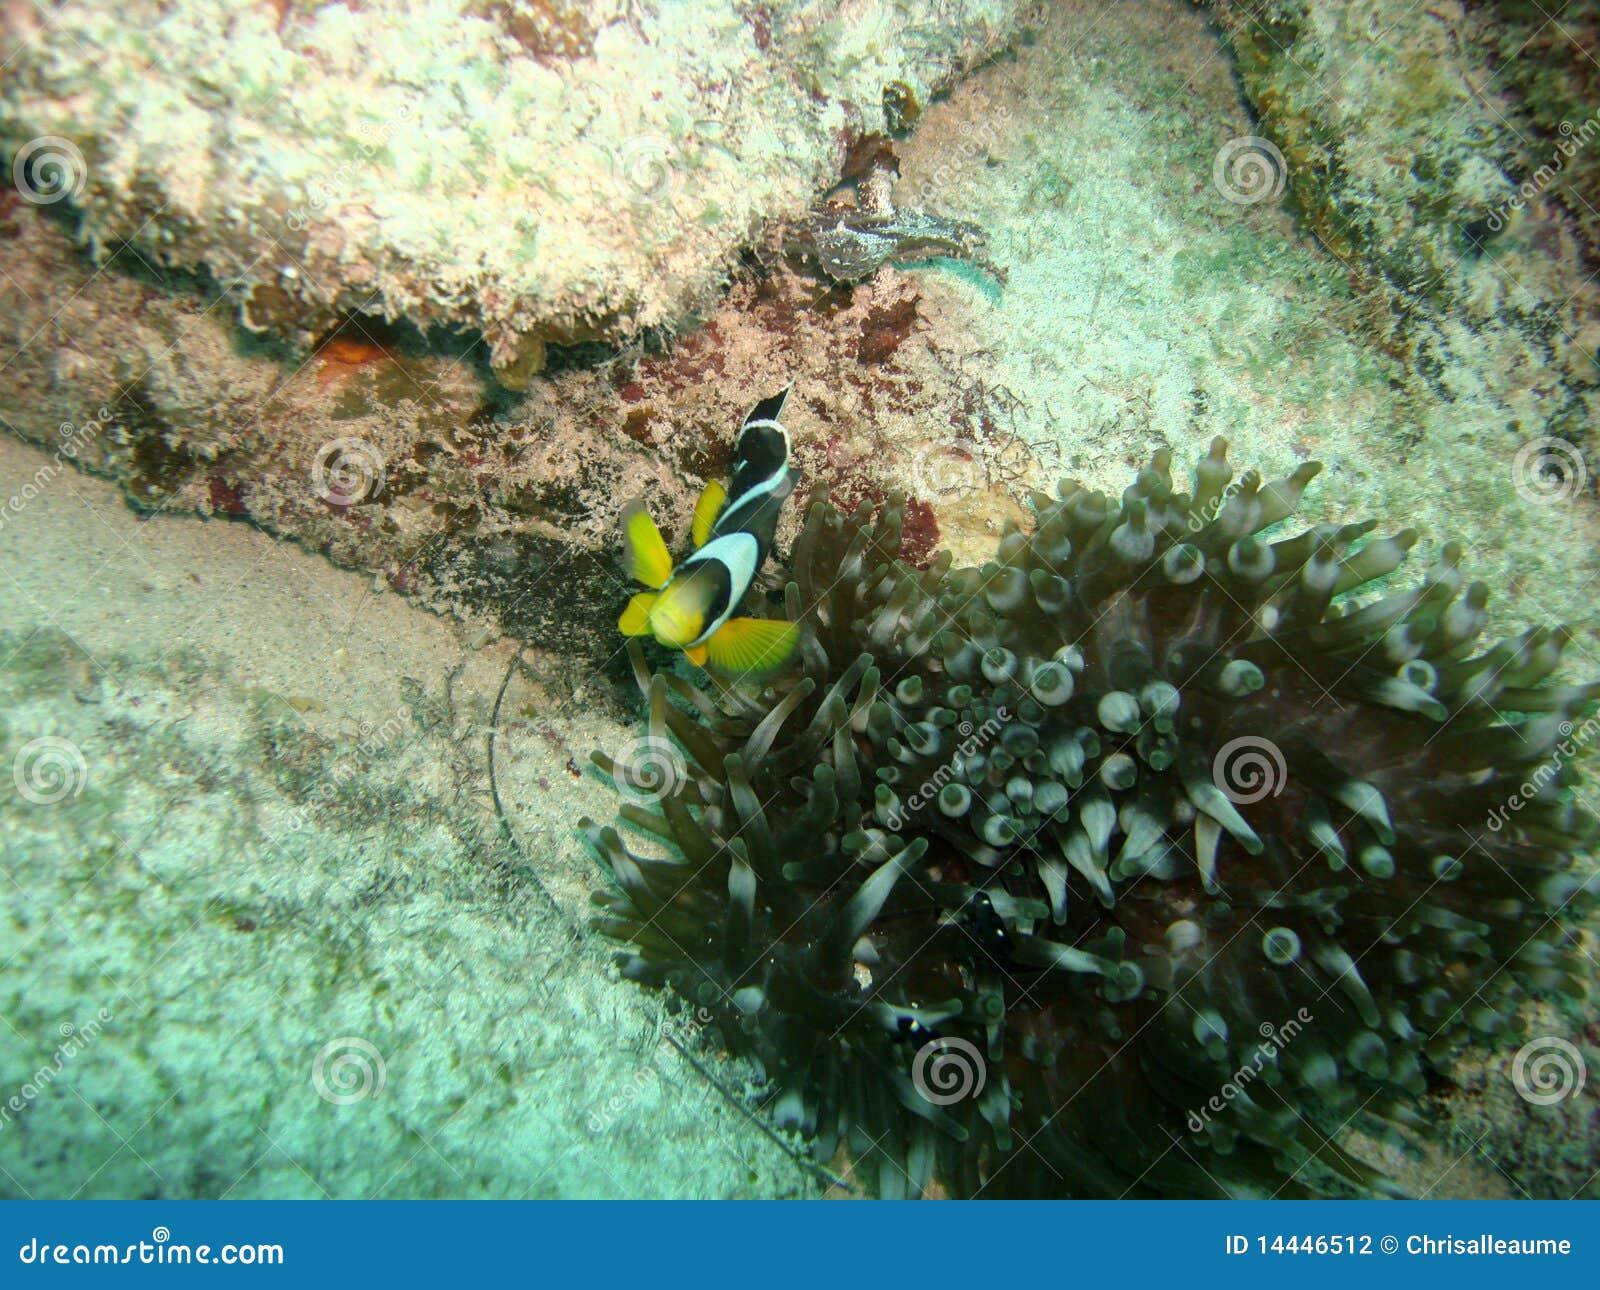 Le cousin de Nemo